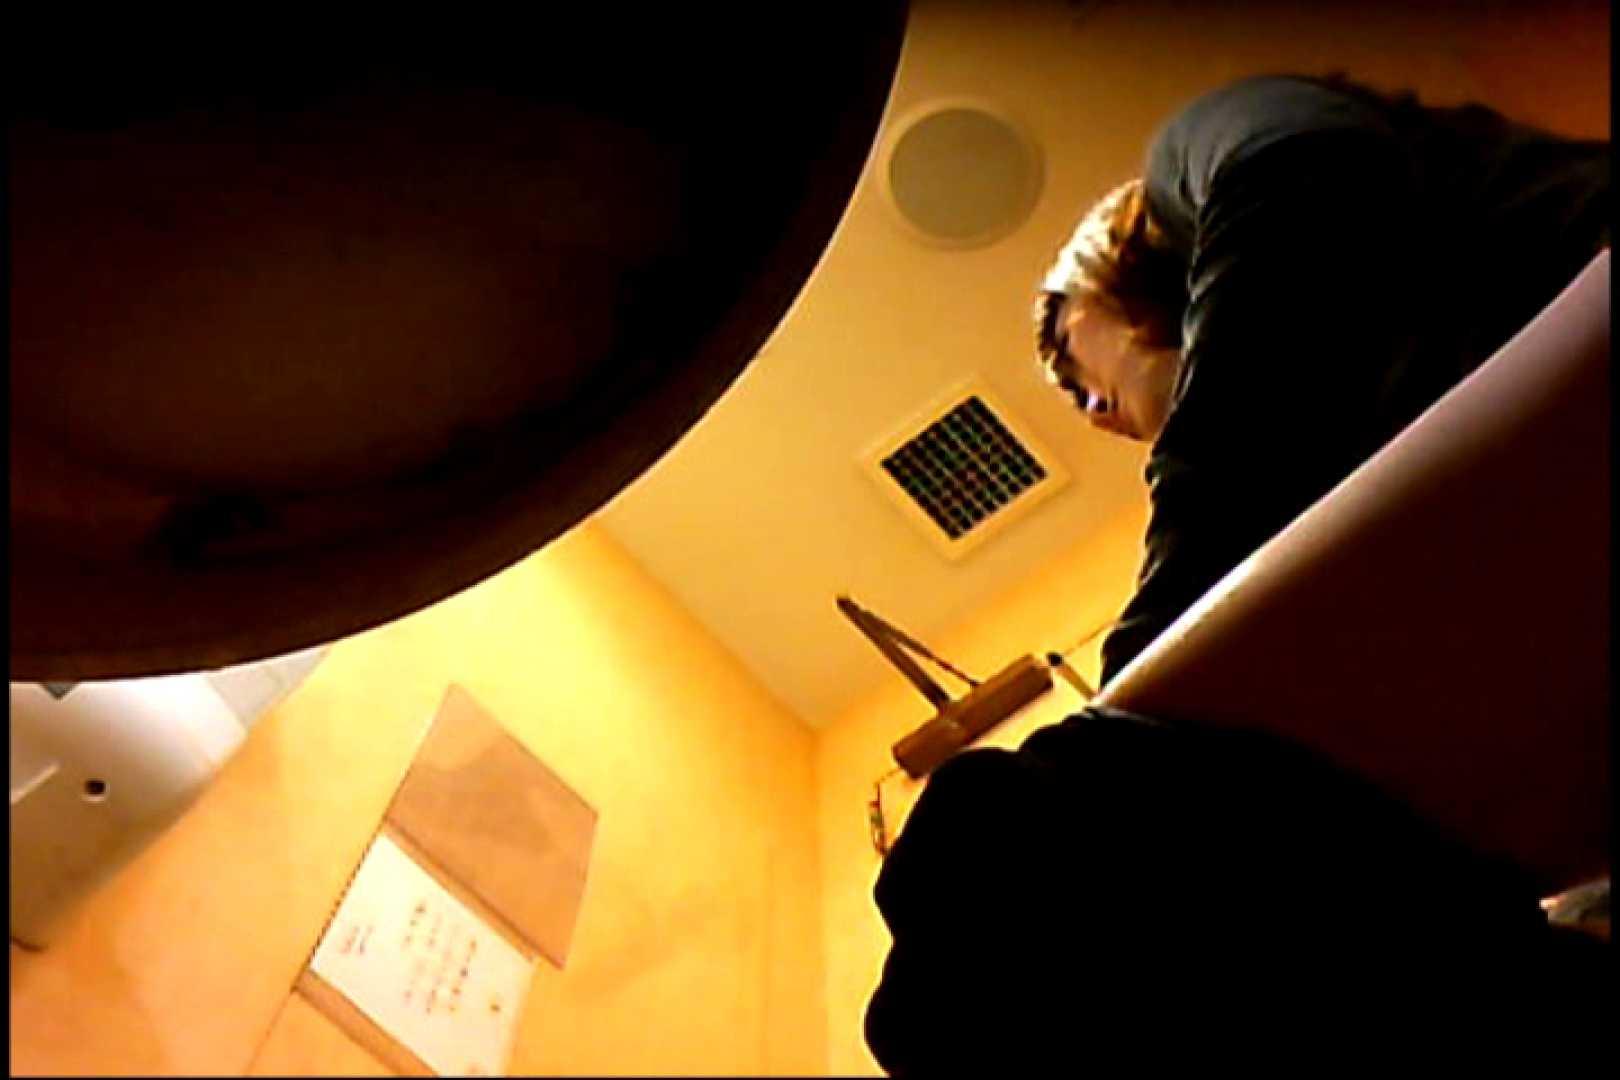 画質向上!新亀さん厠 vol.37 OL女体 性交動画流出 94連発 20